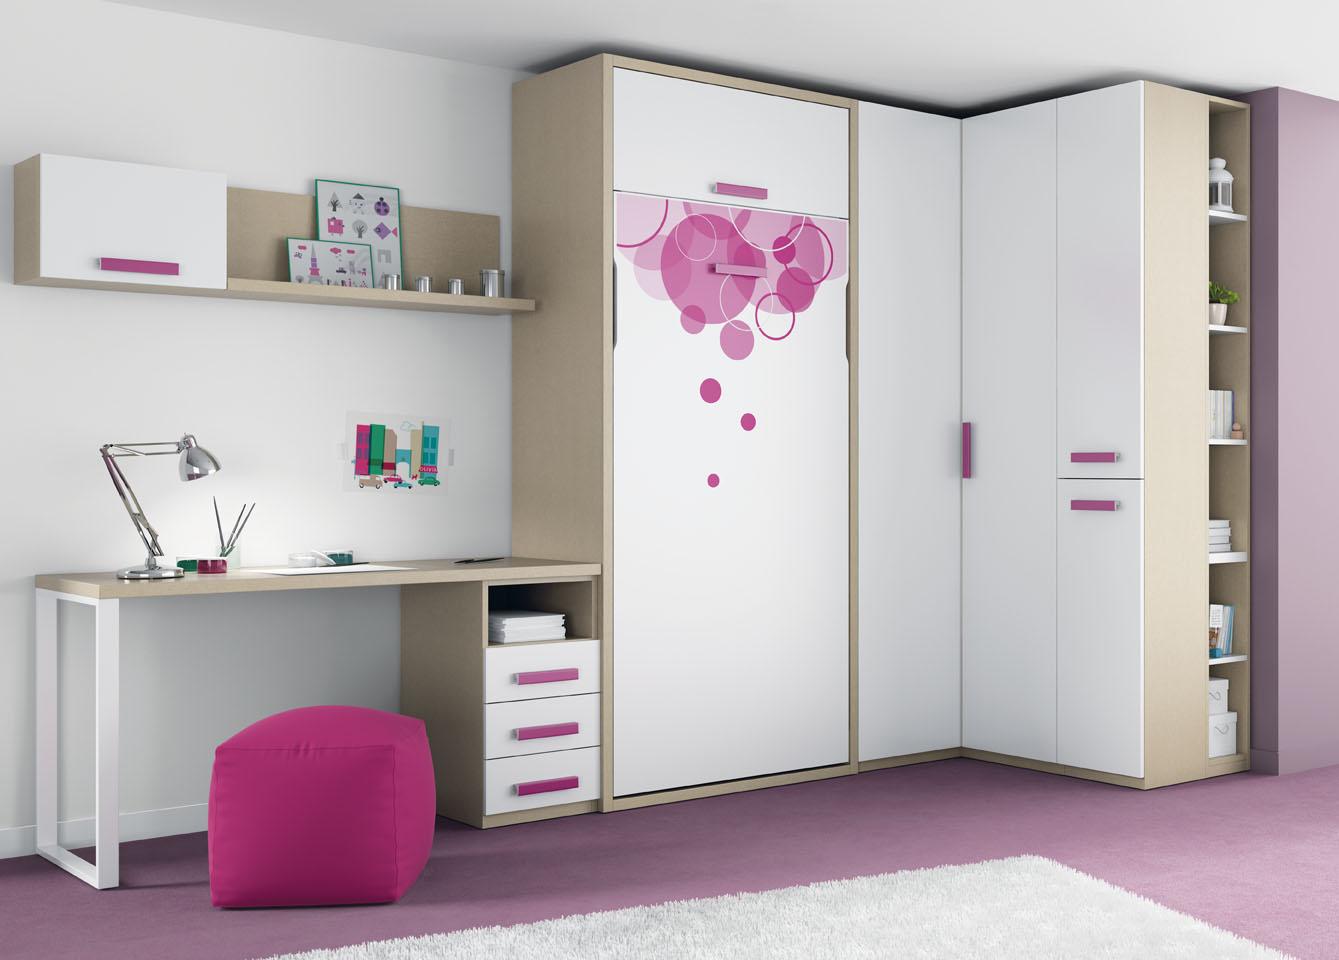 Muebles ros l nea de camas abatibles de ros imbatibles - Camas juveniles precios ...